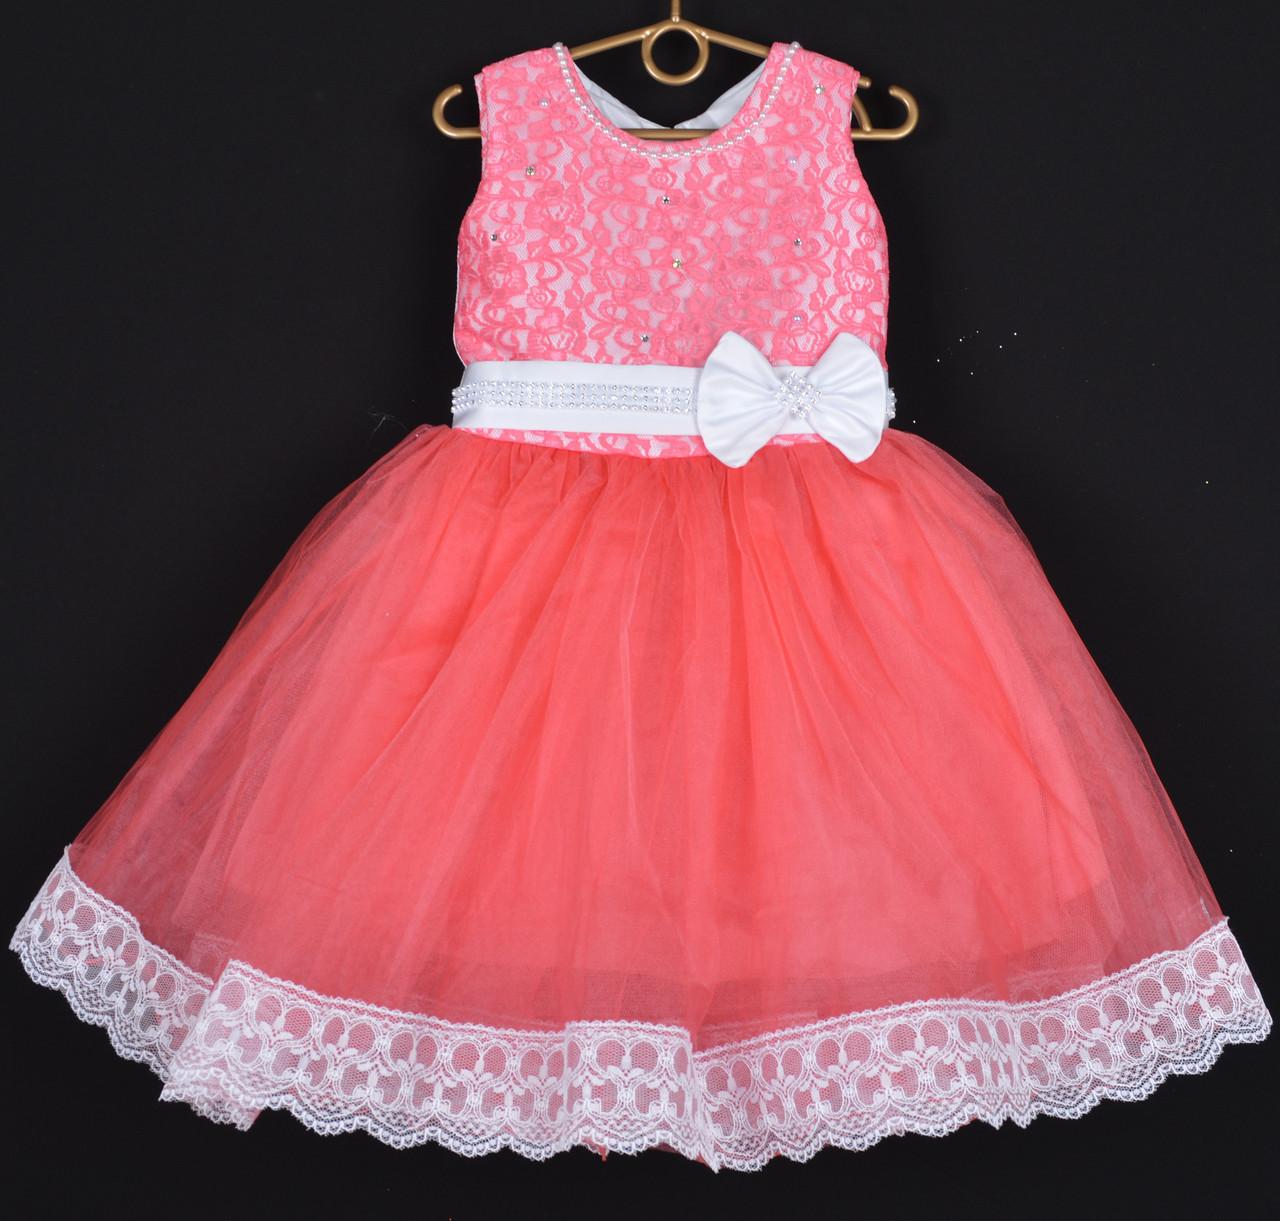 """Платье нарядное детское """"Виктория"""" с бантом 4-5 лет. Коралловое. Купить оптом и в розницу"""